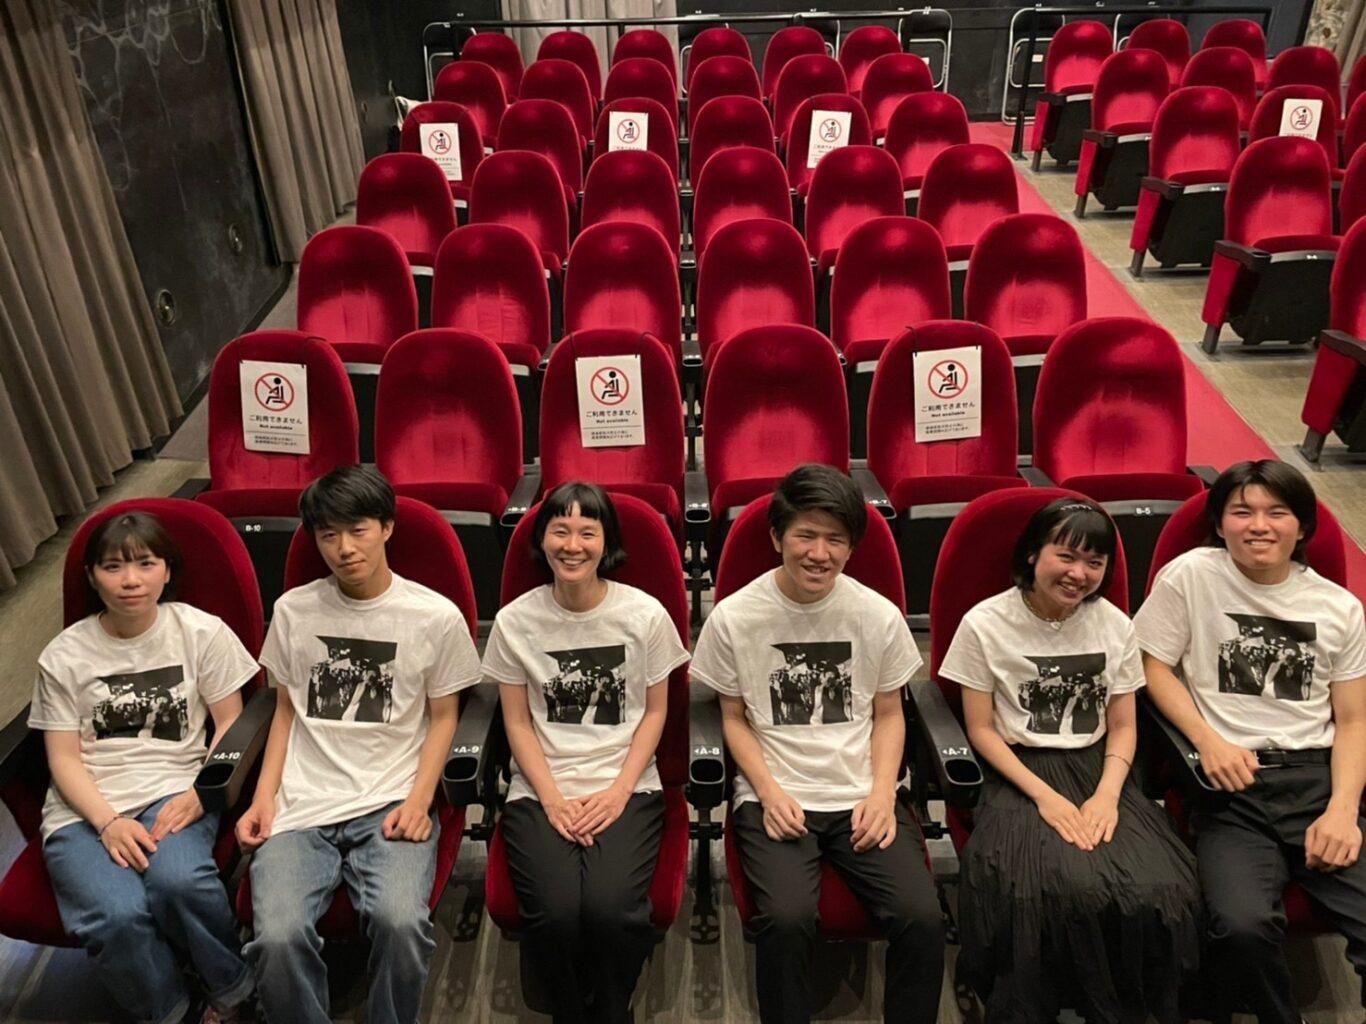 関西のミニシアターの魅力を発信する学生団体「映画チア部」が、シネ・ヌーヴォ支援Tシャツの販売を開始。